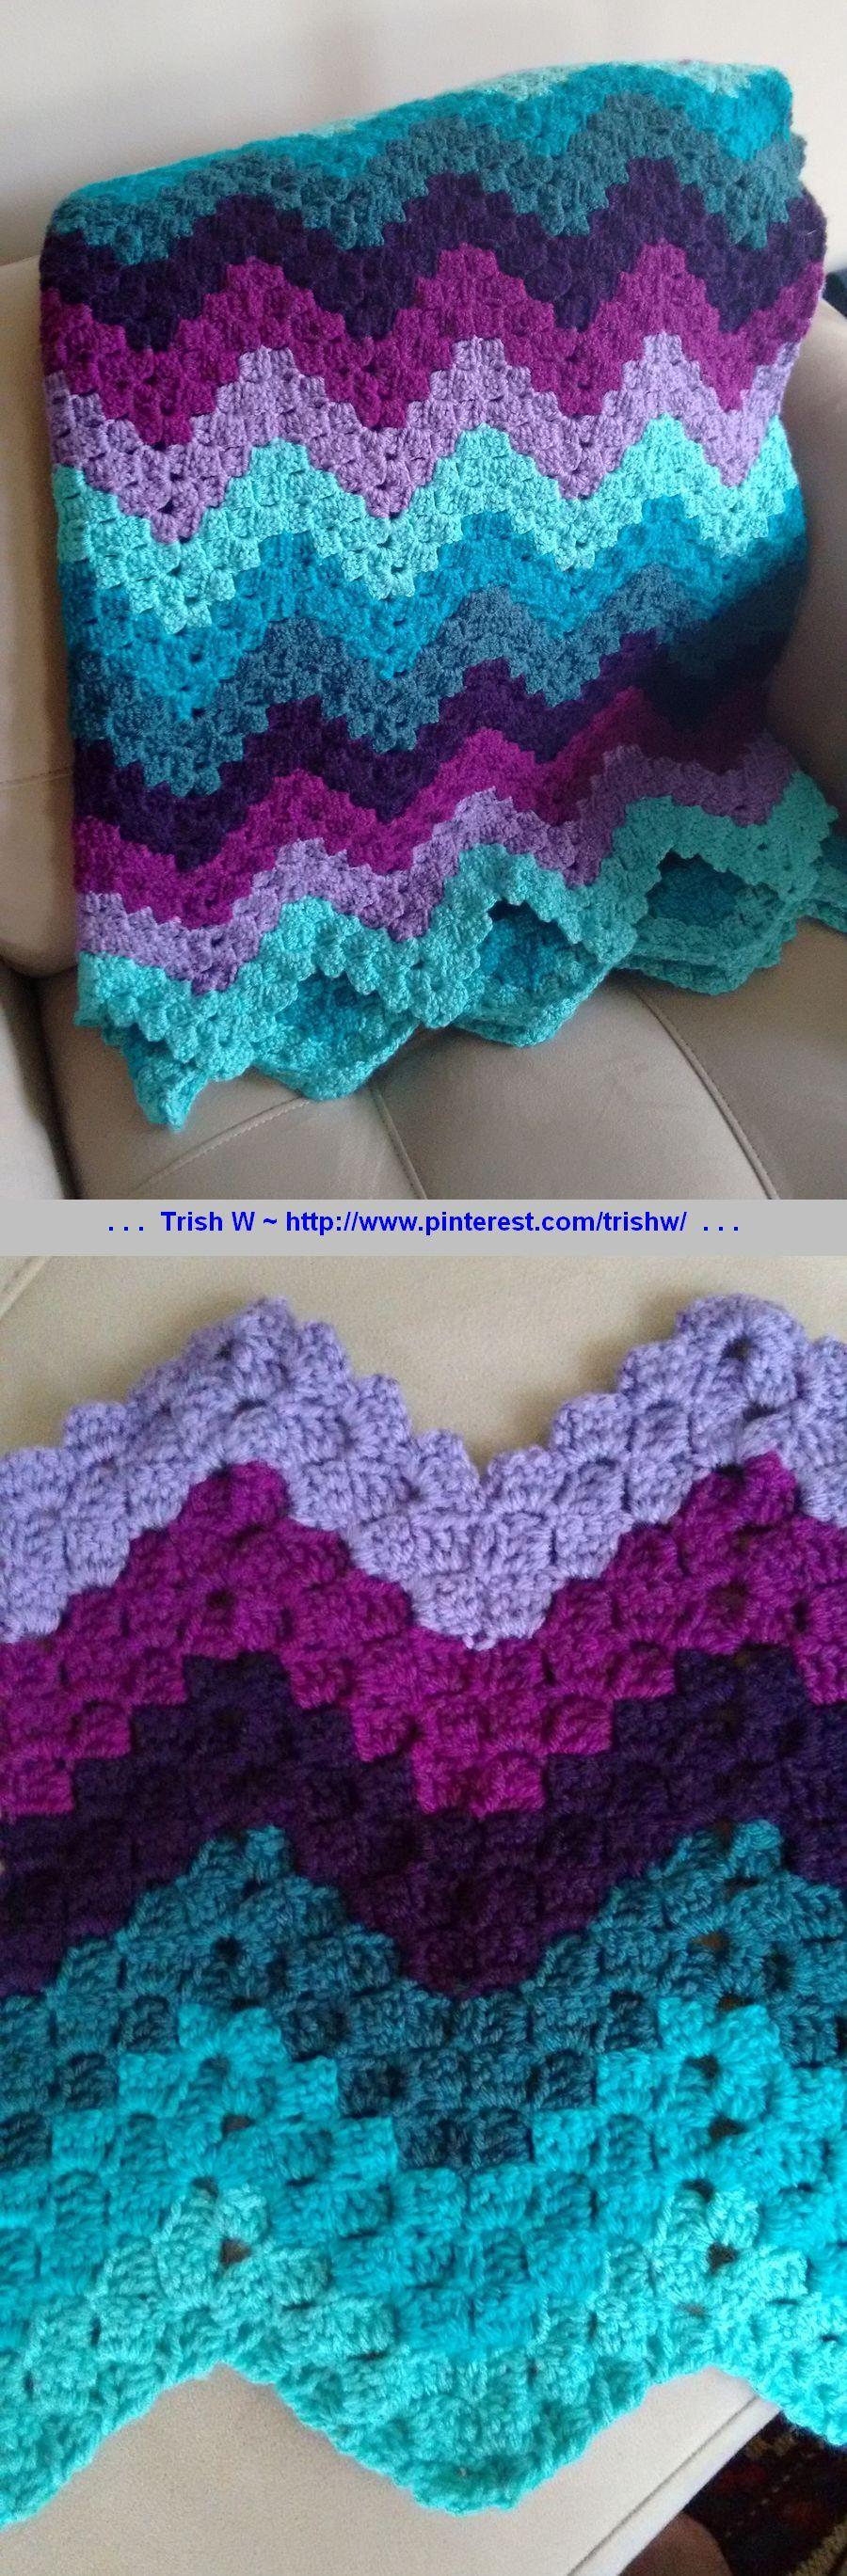 Ich kaufe die Decken Die Decken kosten 100,00. | Hobby | Pinterest ...